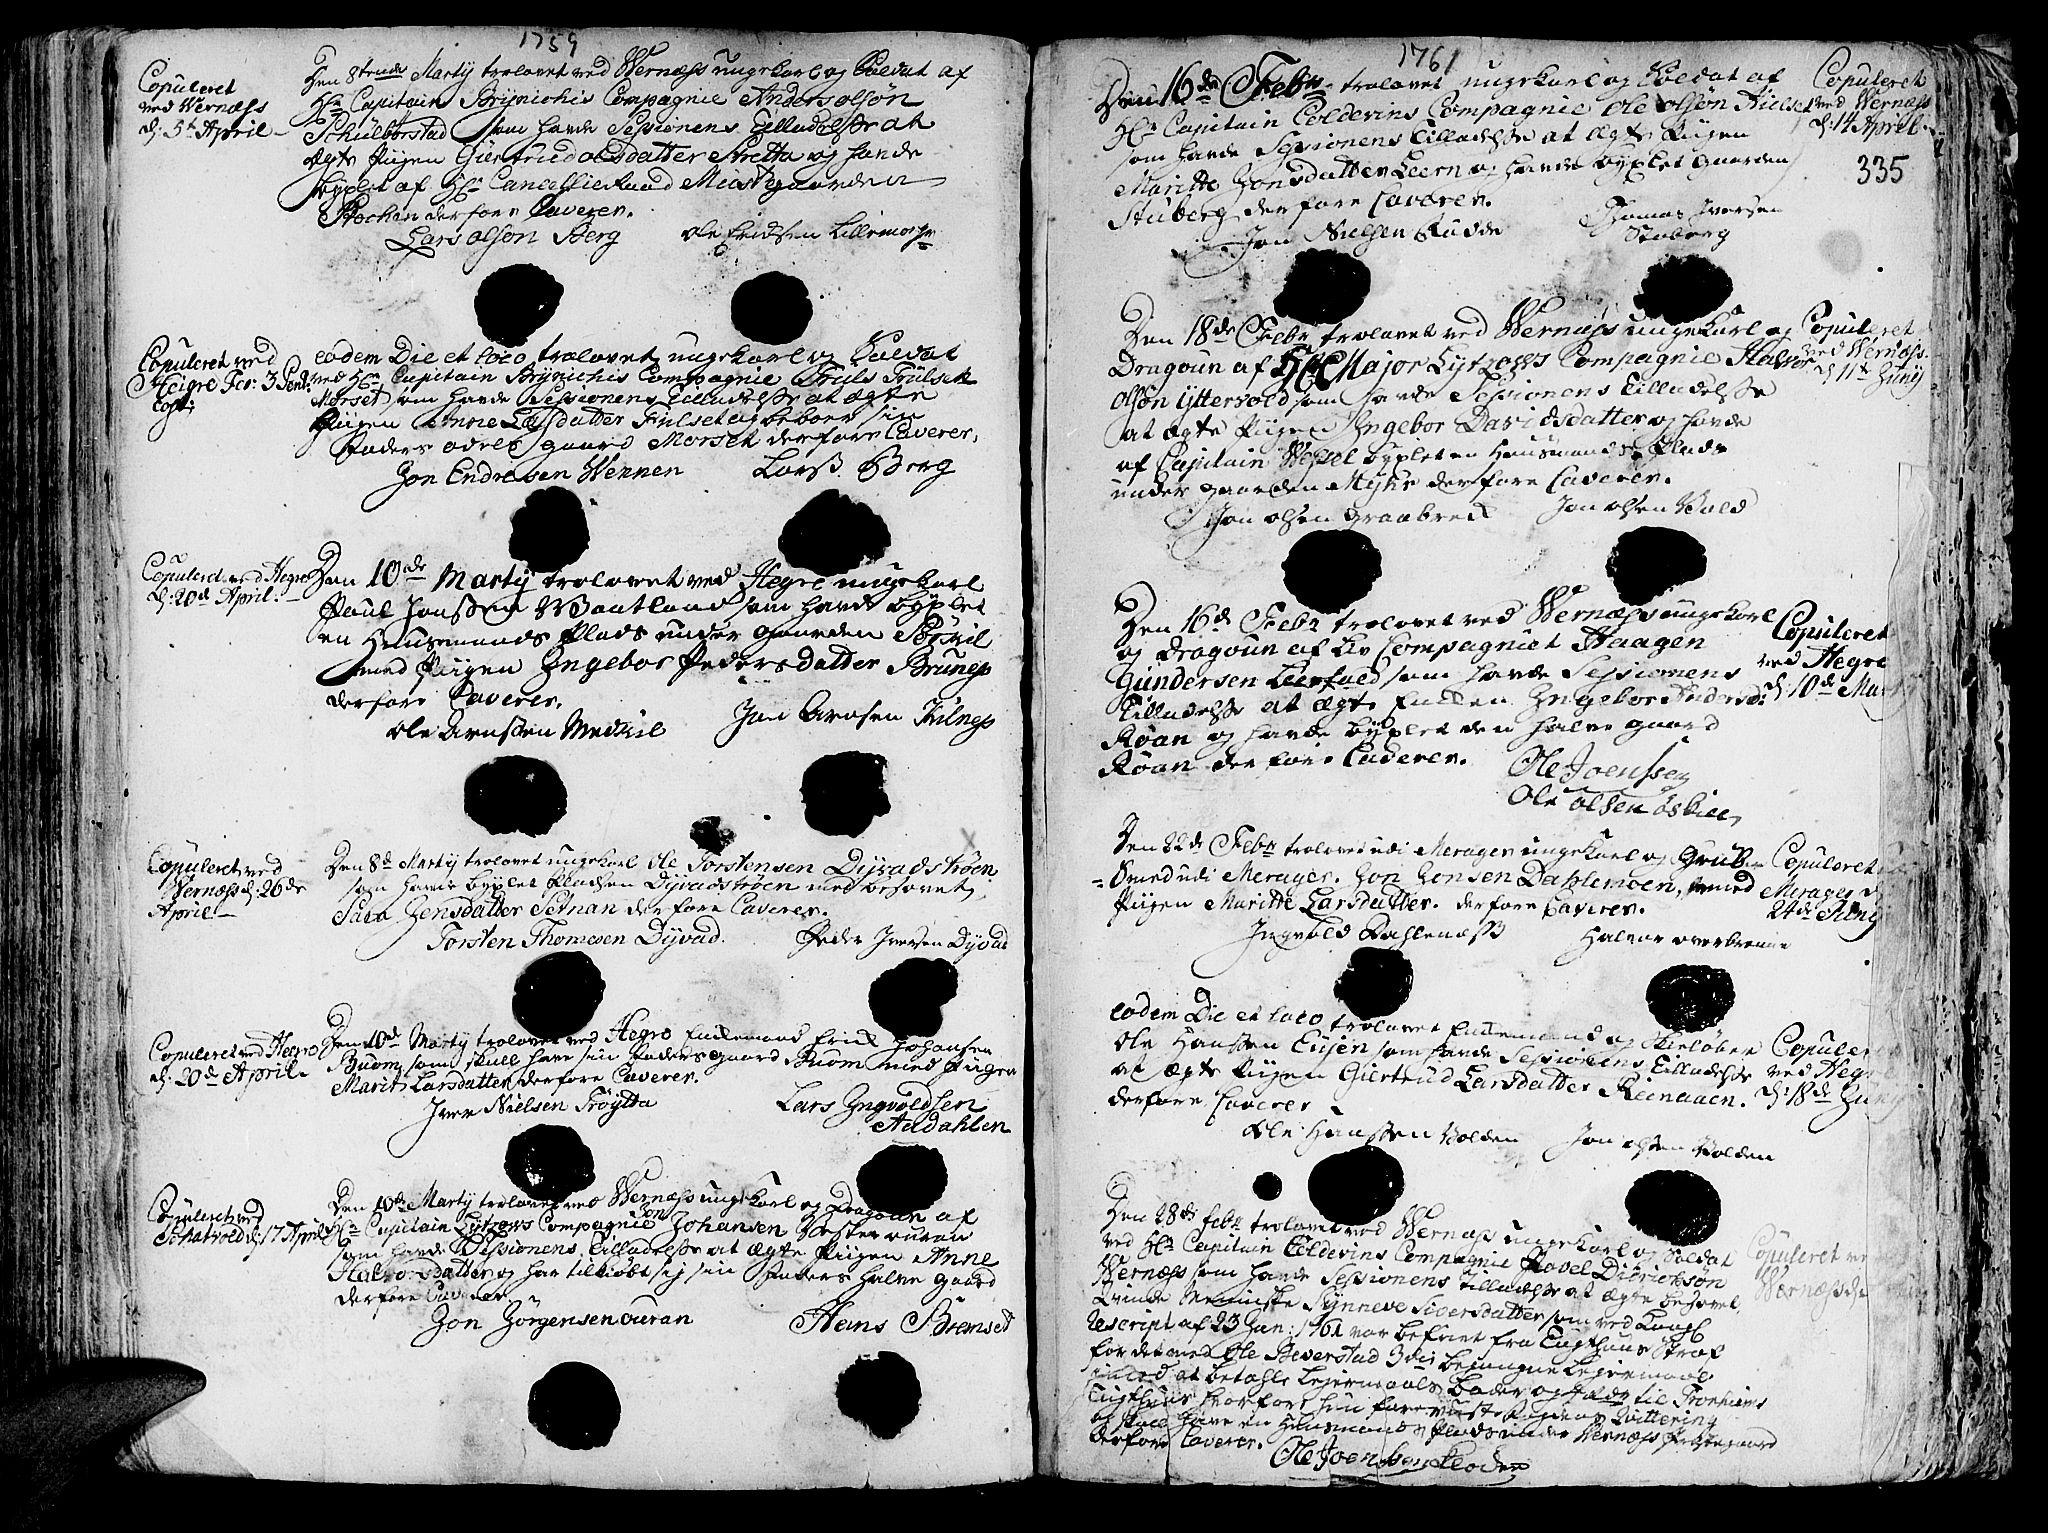 SAT, Ministerialprotokoller, klokkerbøker og fødselsregistre - Nord-Trøndelag, 709/L0057: Ministerialbok nr. 709A05, 1755-1780, s. 335